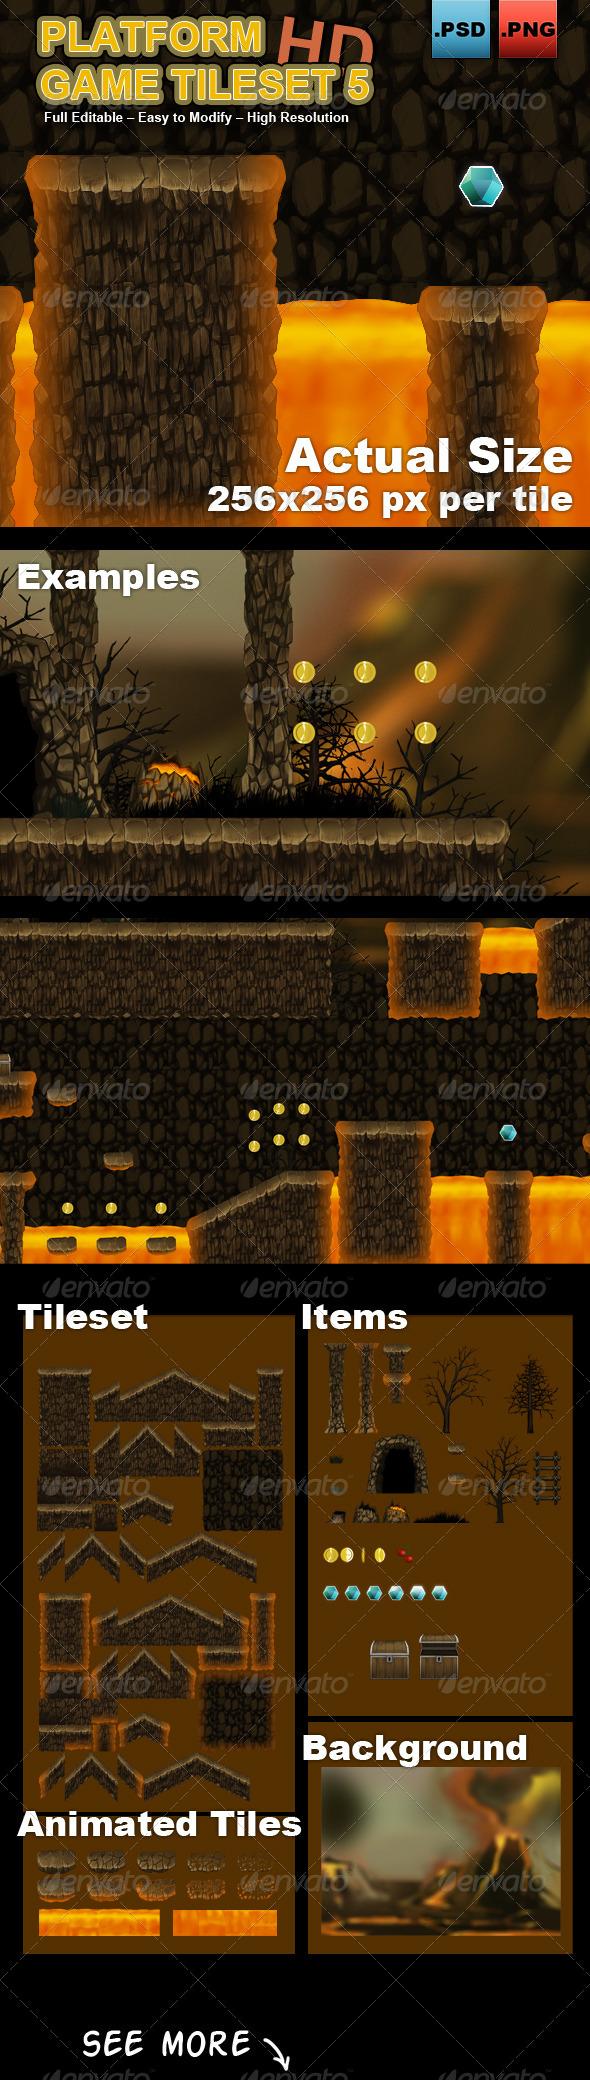 Platform Game Tileset 6 HD - Scenes Illustrations